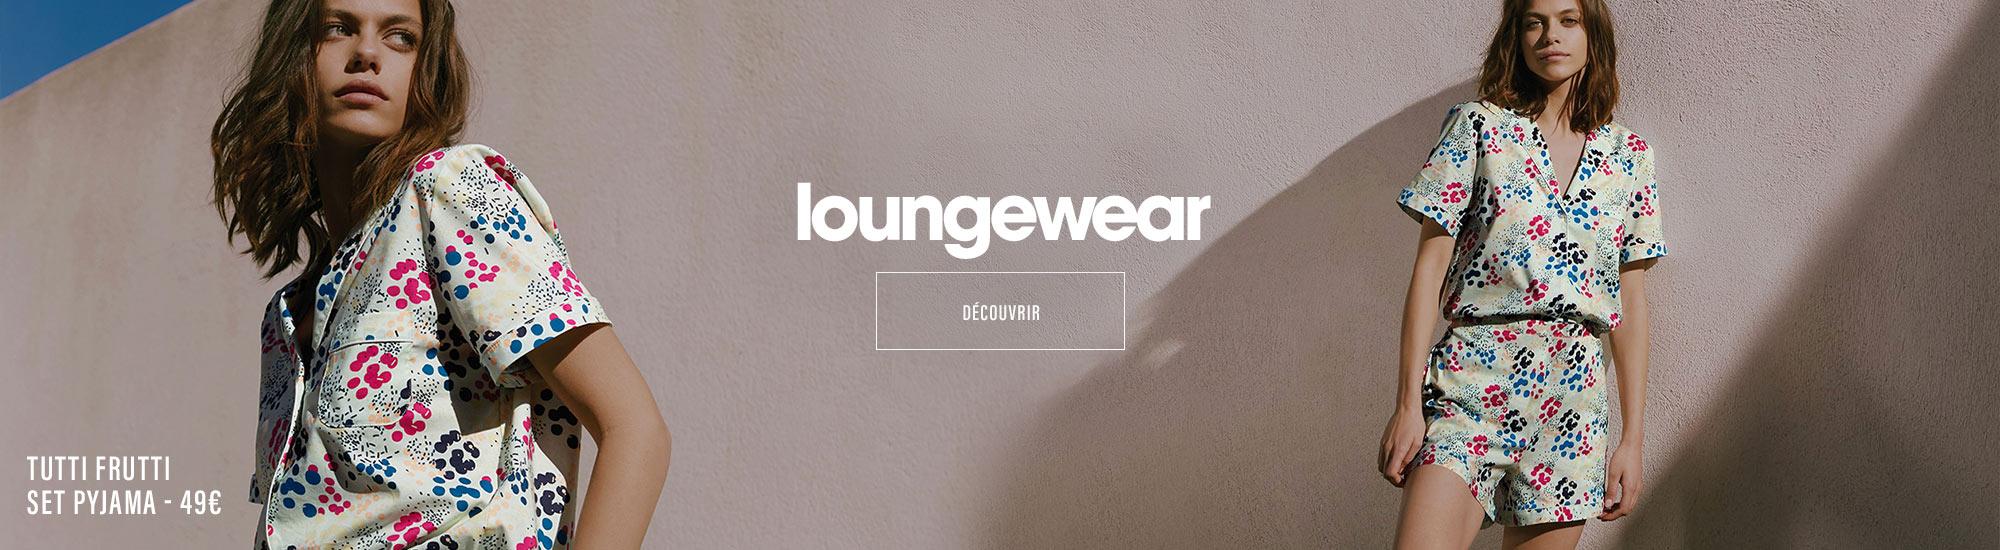 Nouveautés loungewear